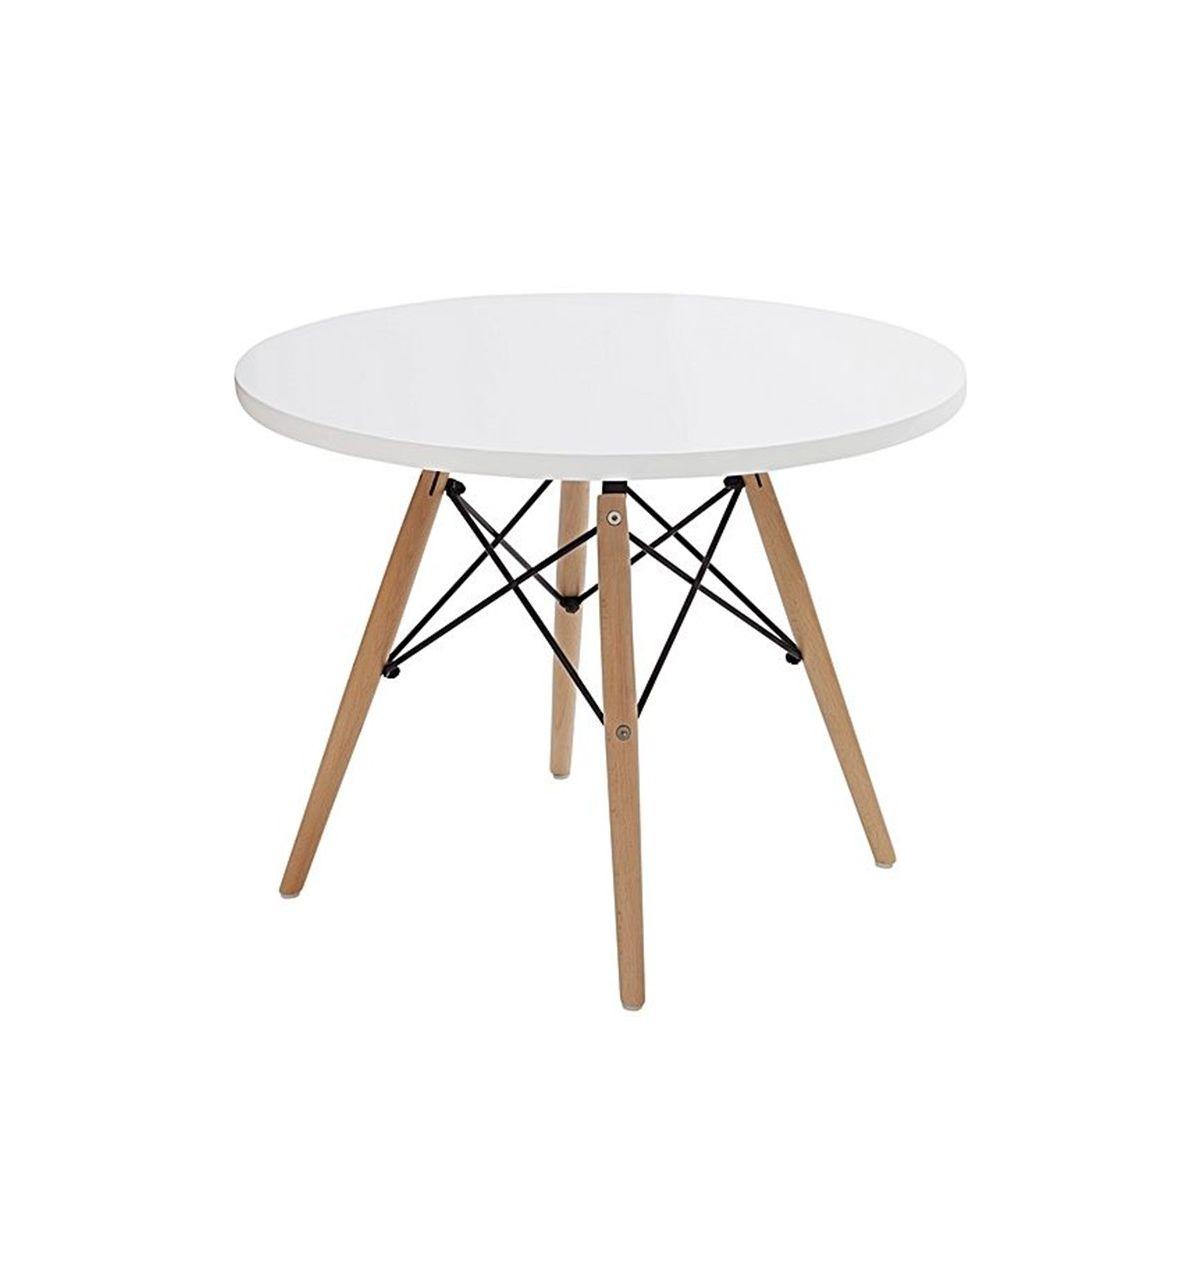 C r eames tavolino design per bambini - Tavolo e sedia per bambini ...